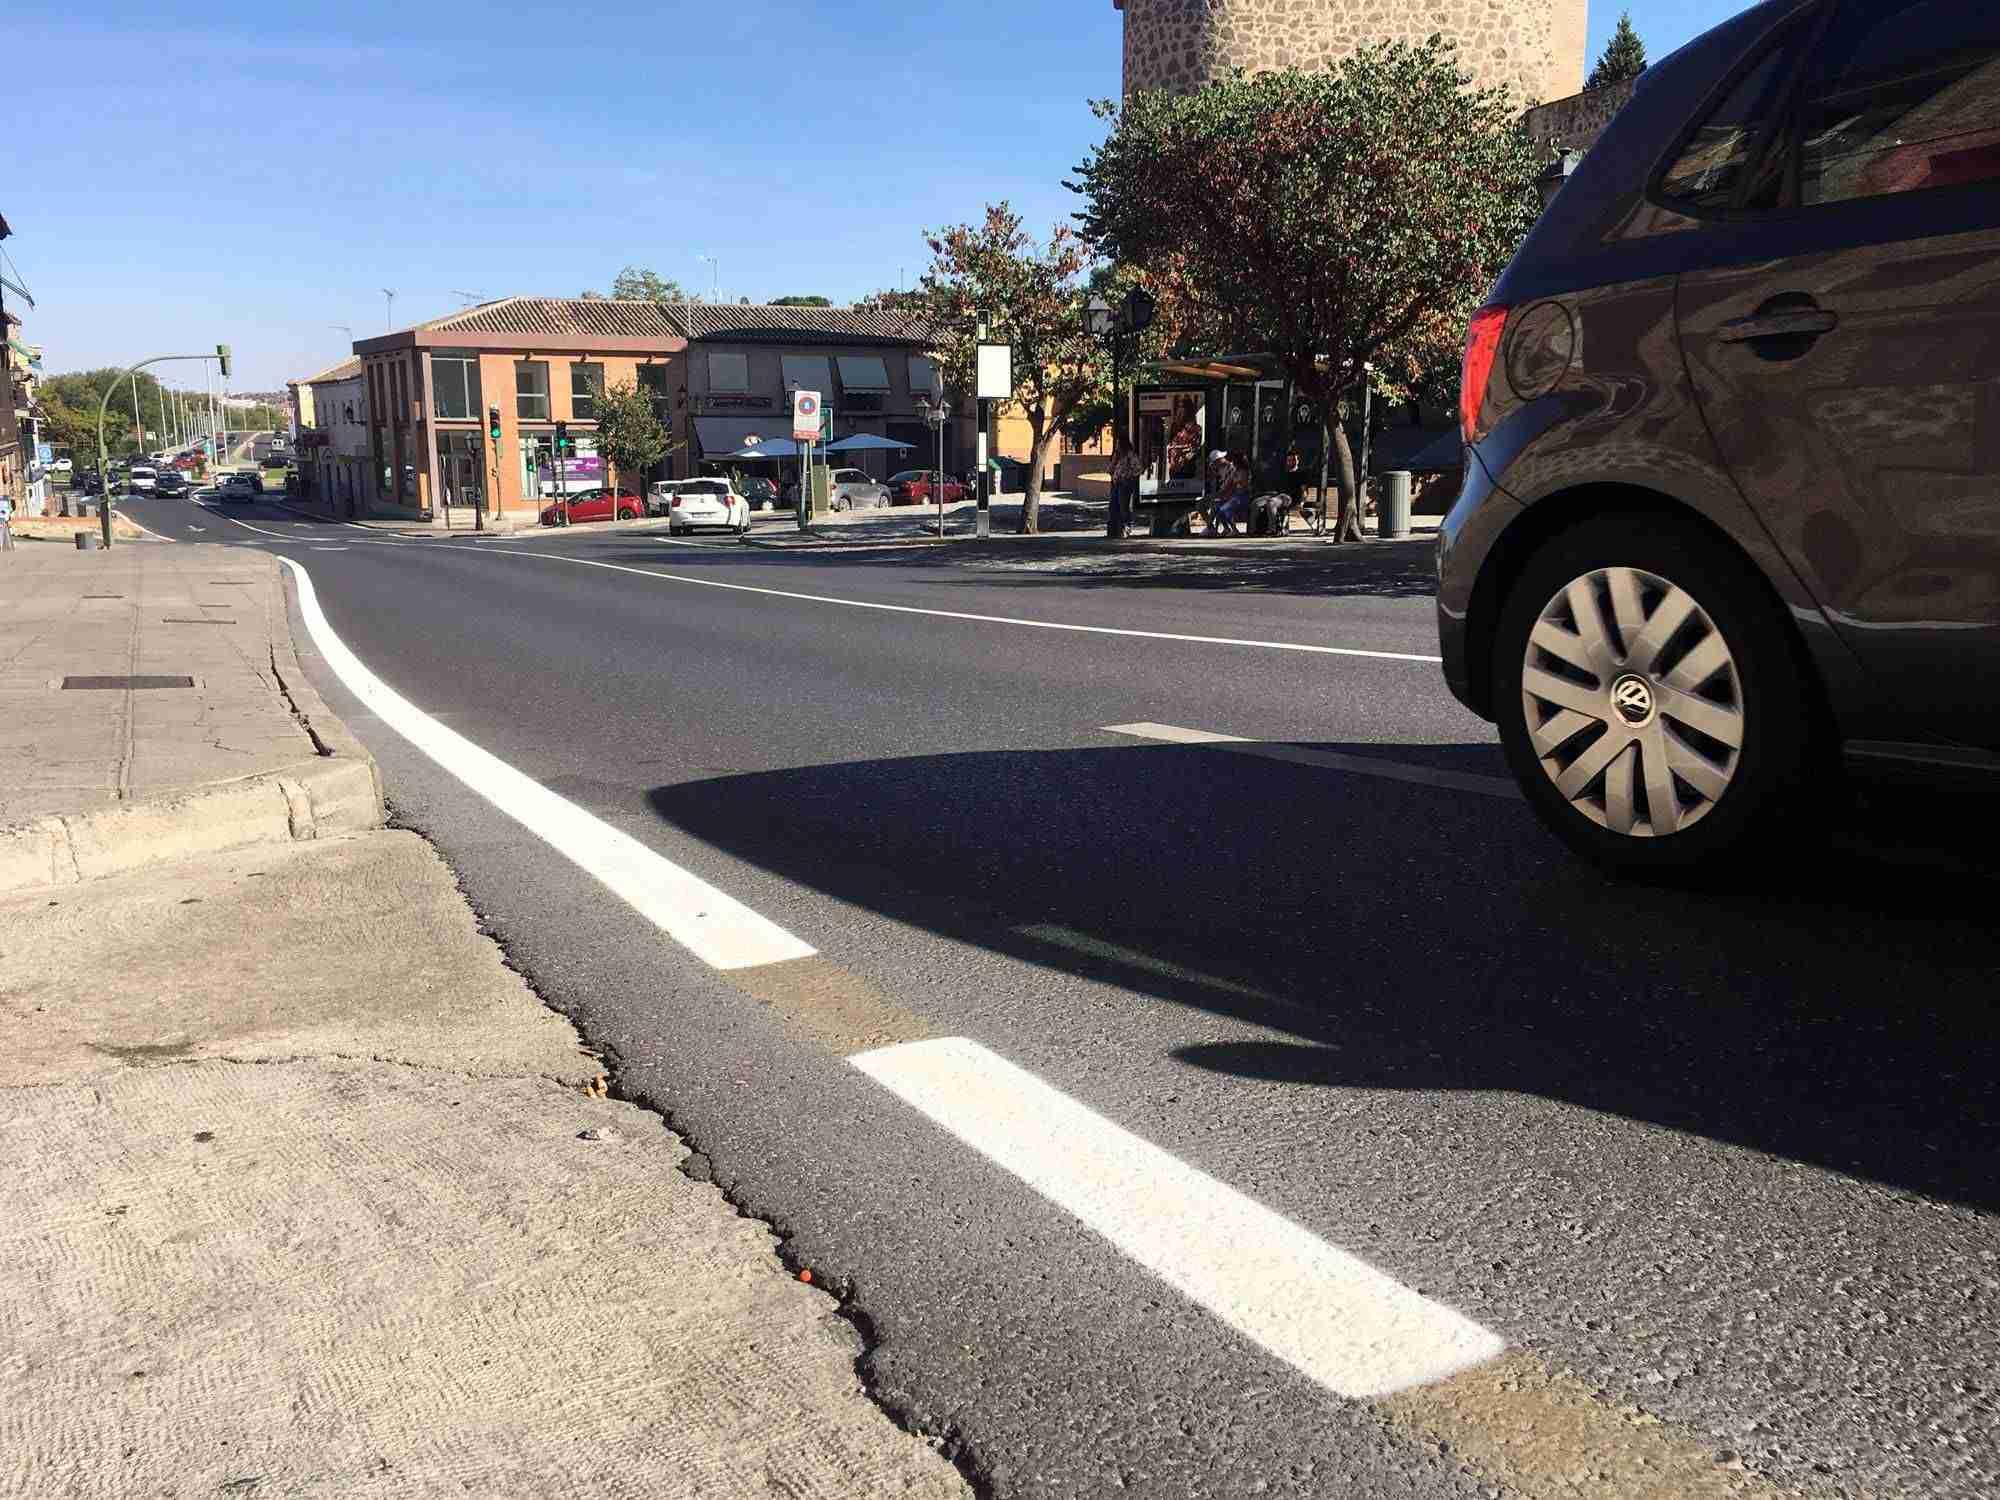 Toledo mejora la señalización horizontal de varias calles y ubica un nuevo paso de peatones en Real del Arrabal 8